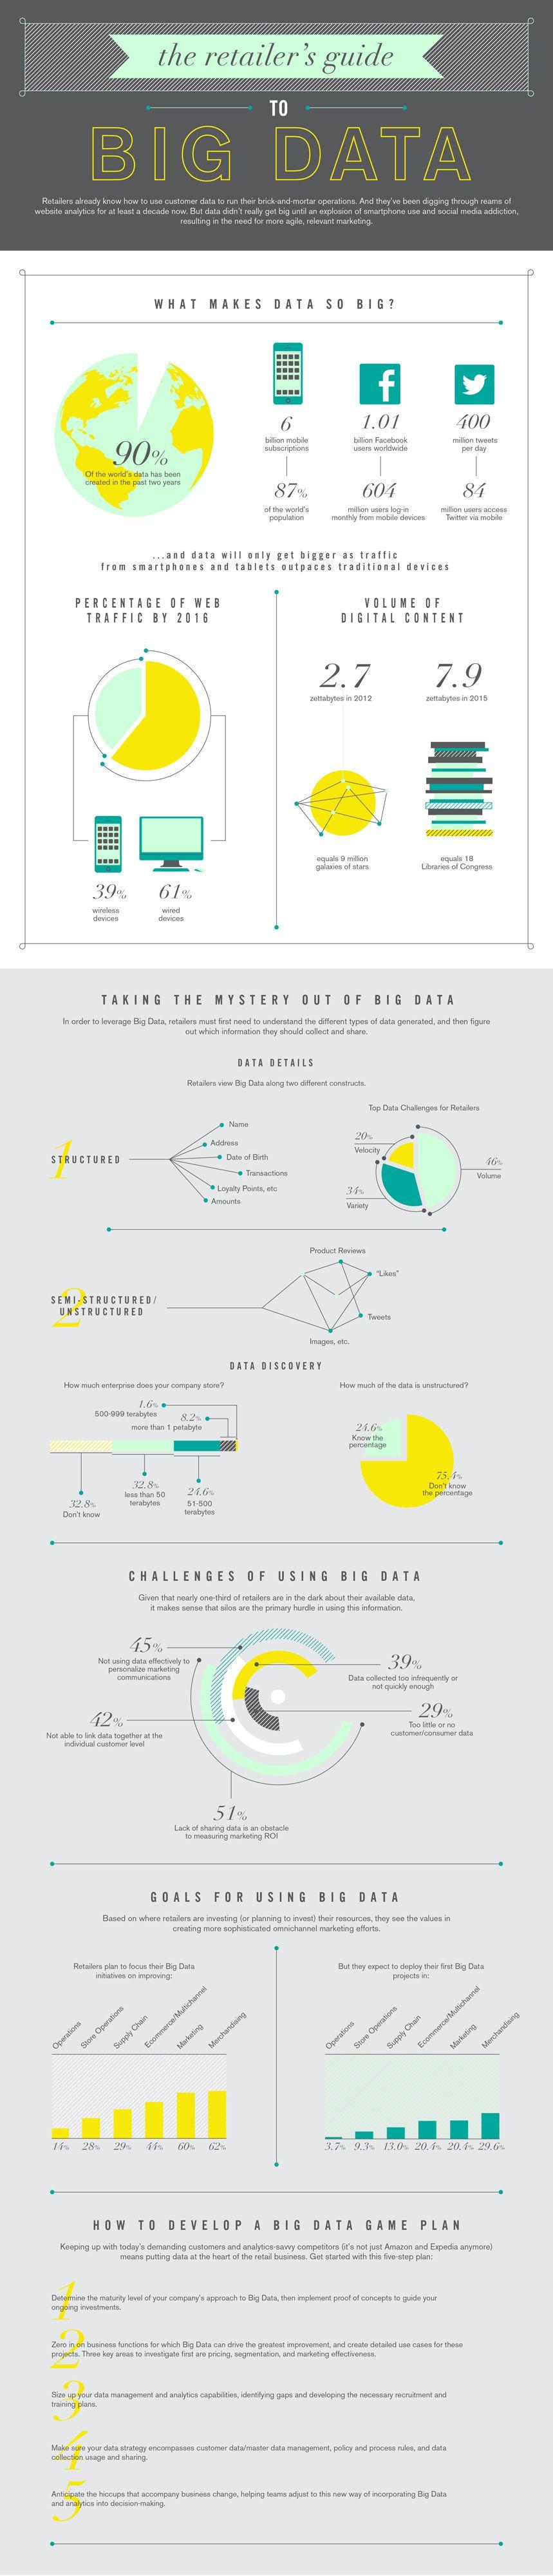 The Retailer's Guide to Big Data - jolies couleurs, pas sur que le message soit facile à lire cependant